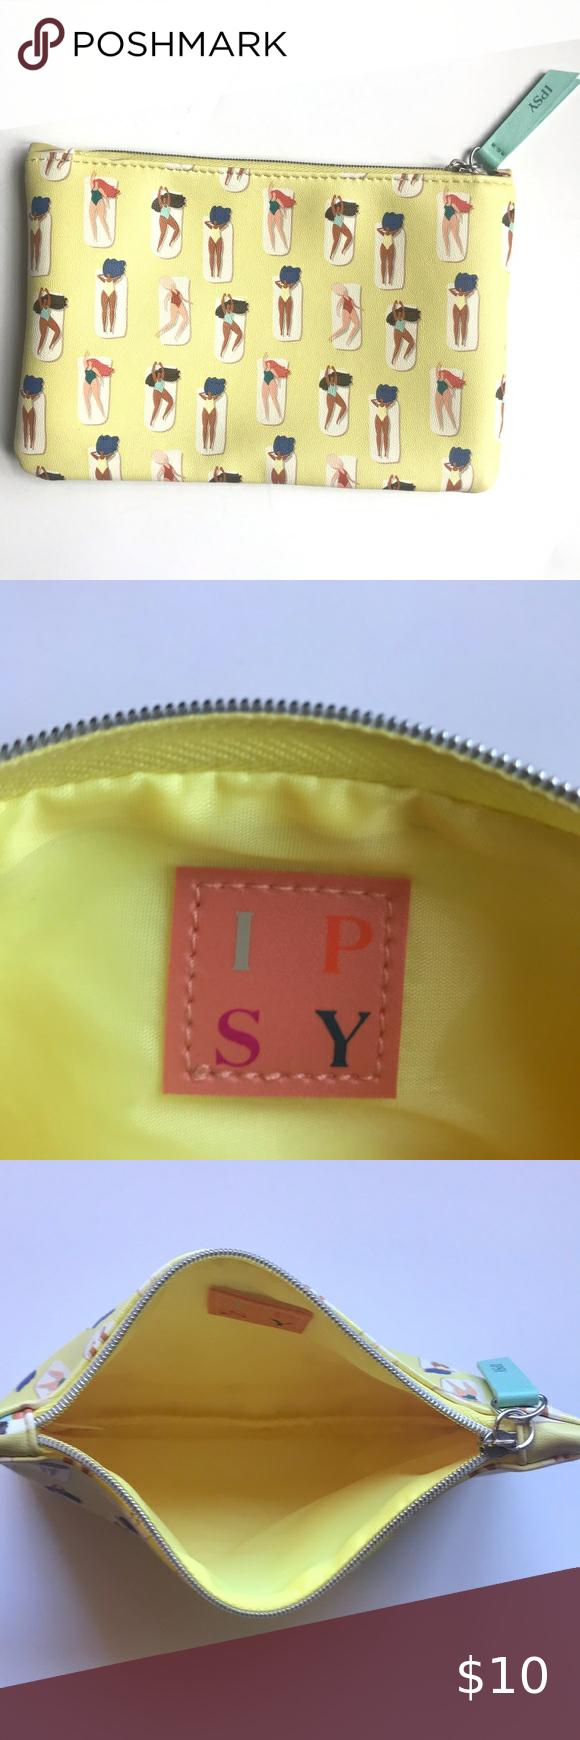 Ipsy Makeup Bag Sunbathing Women June 2020 Ipsy Makeup